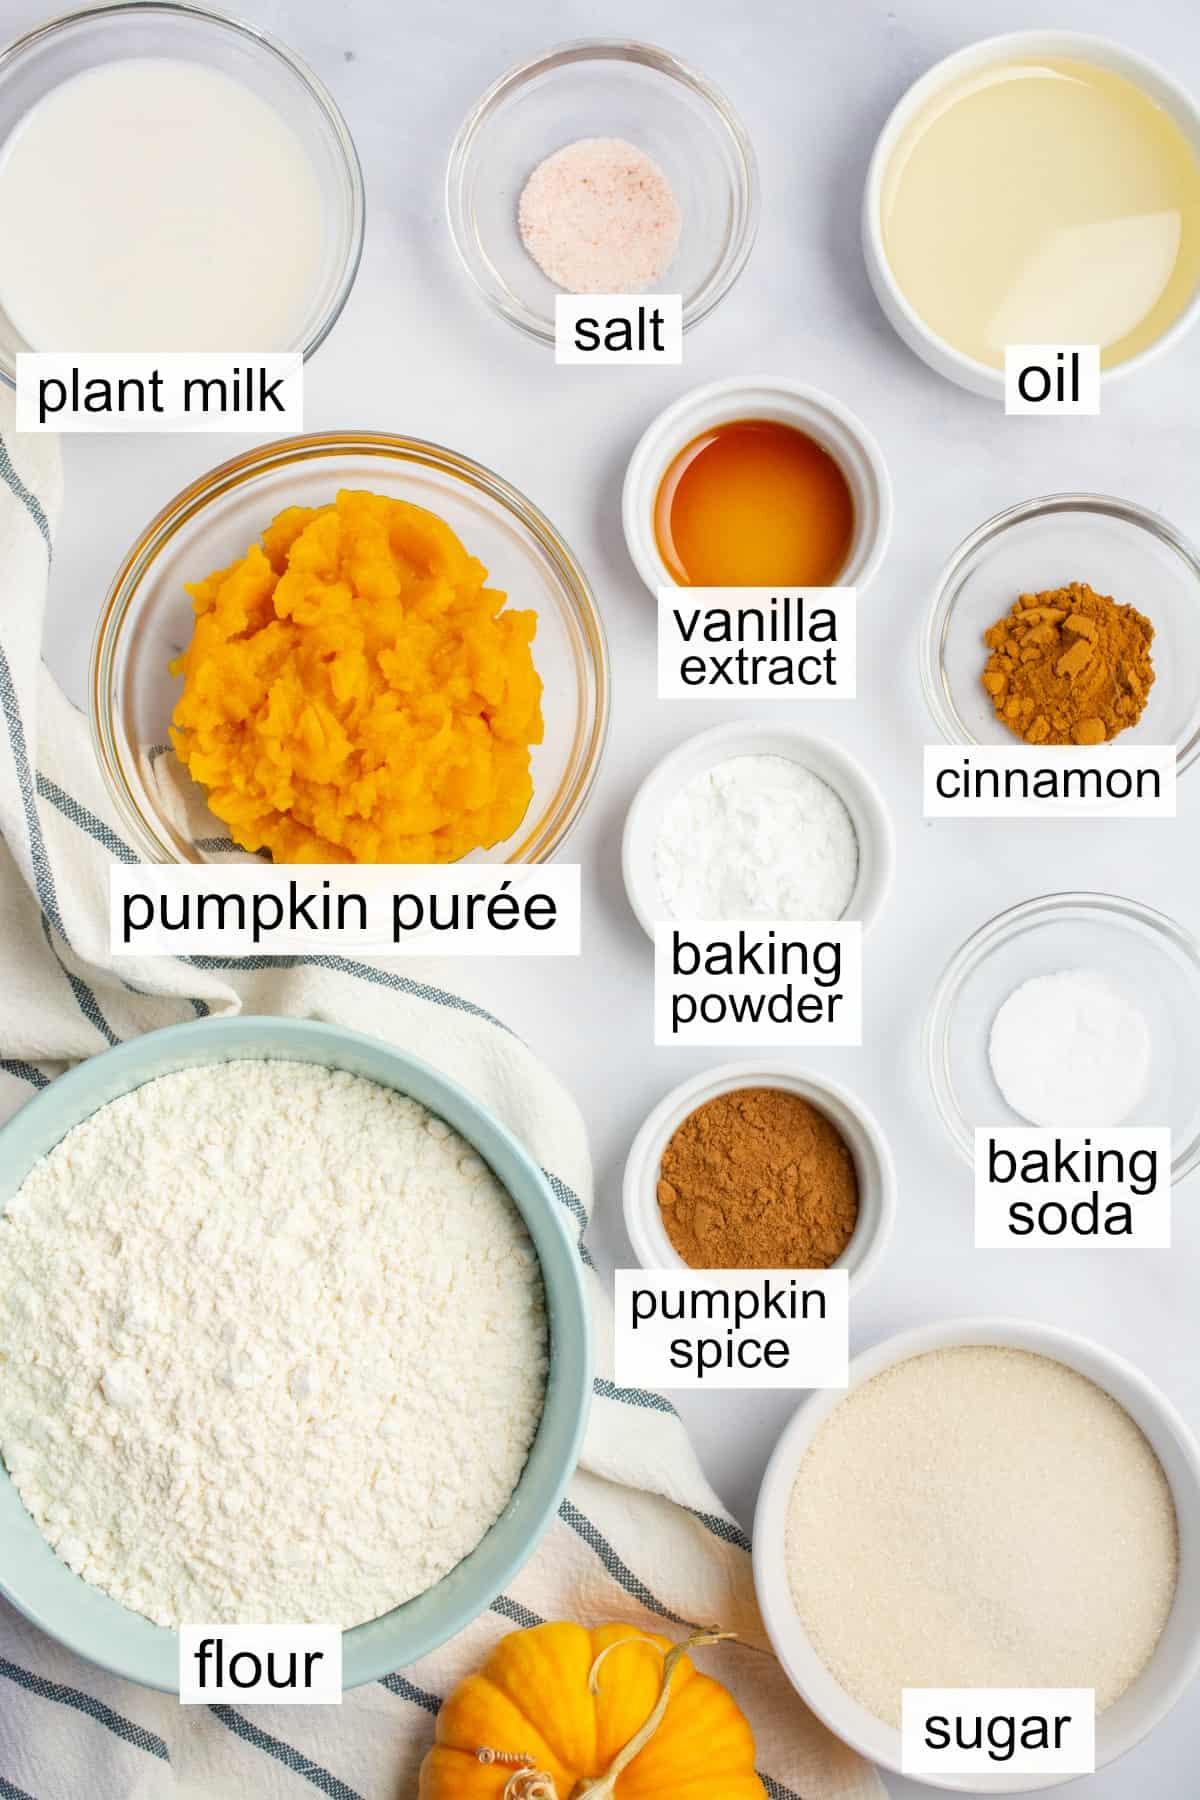 Labeled ingredients to make vegan pumpkin cake.